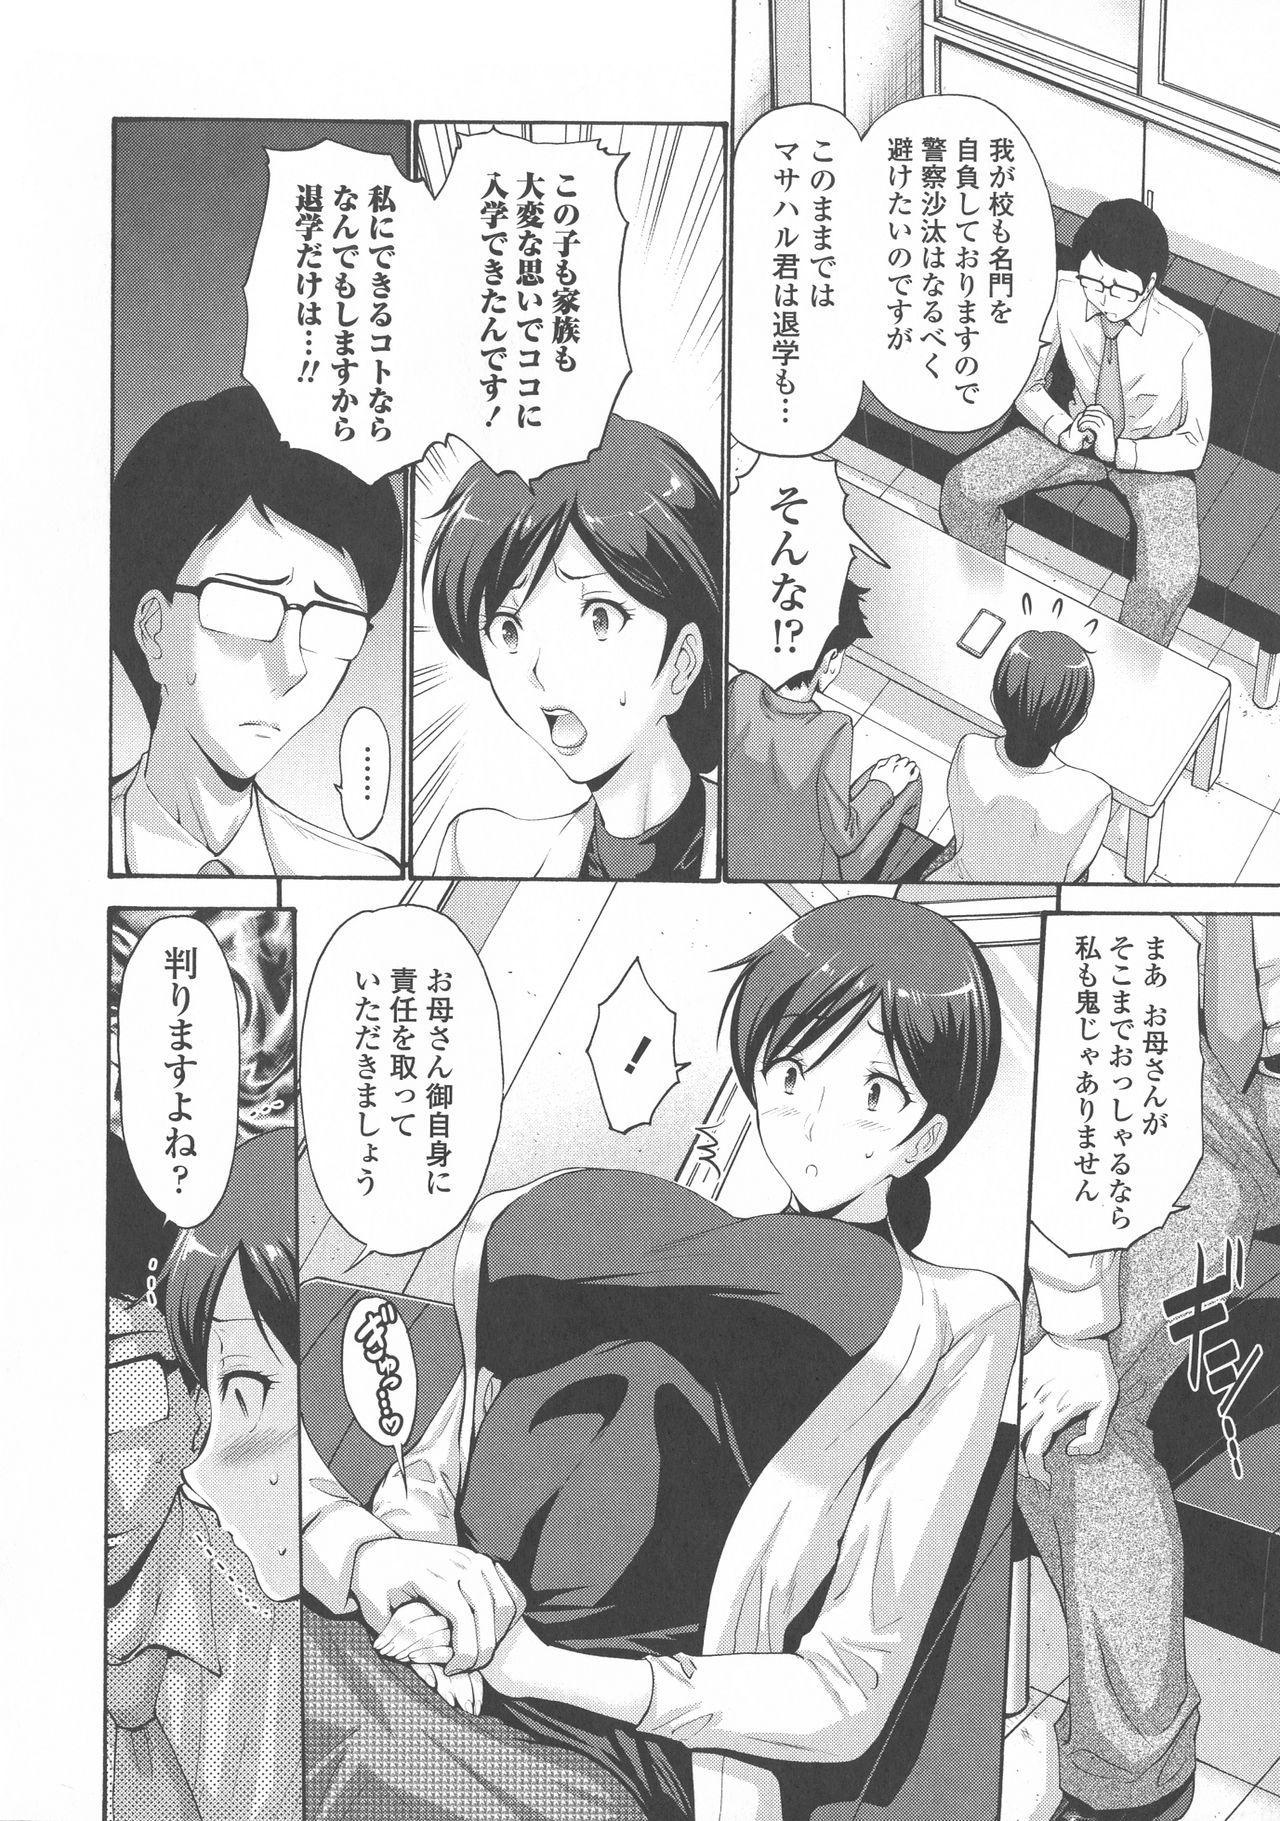 Tomodachi no Haha wa Boku no Mono - His Mother is My Love Hole 194